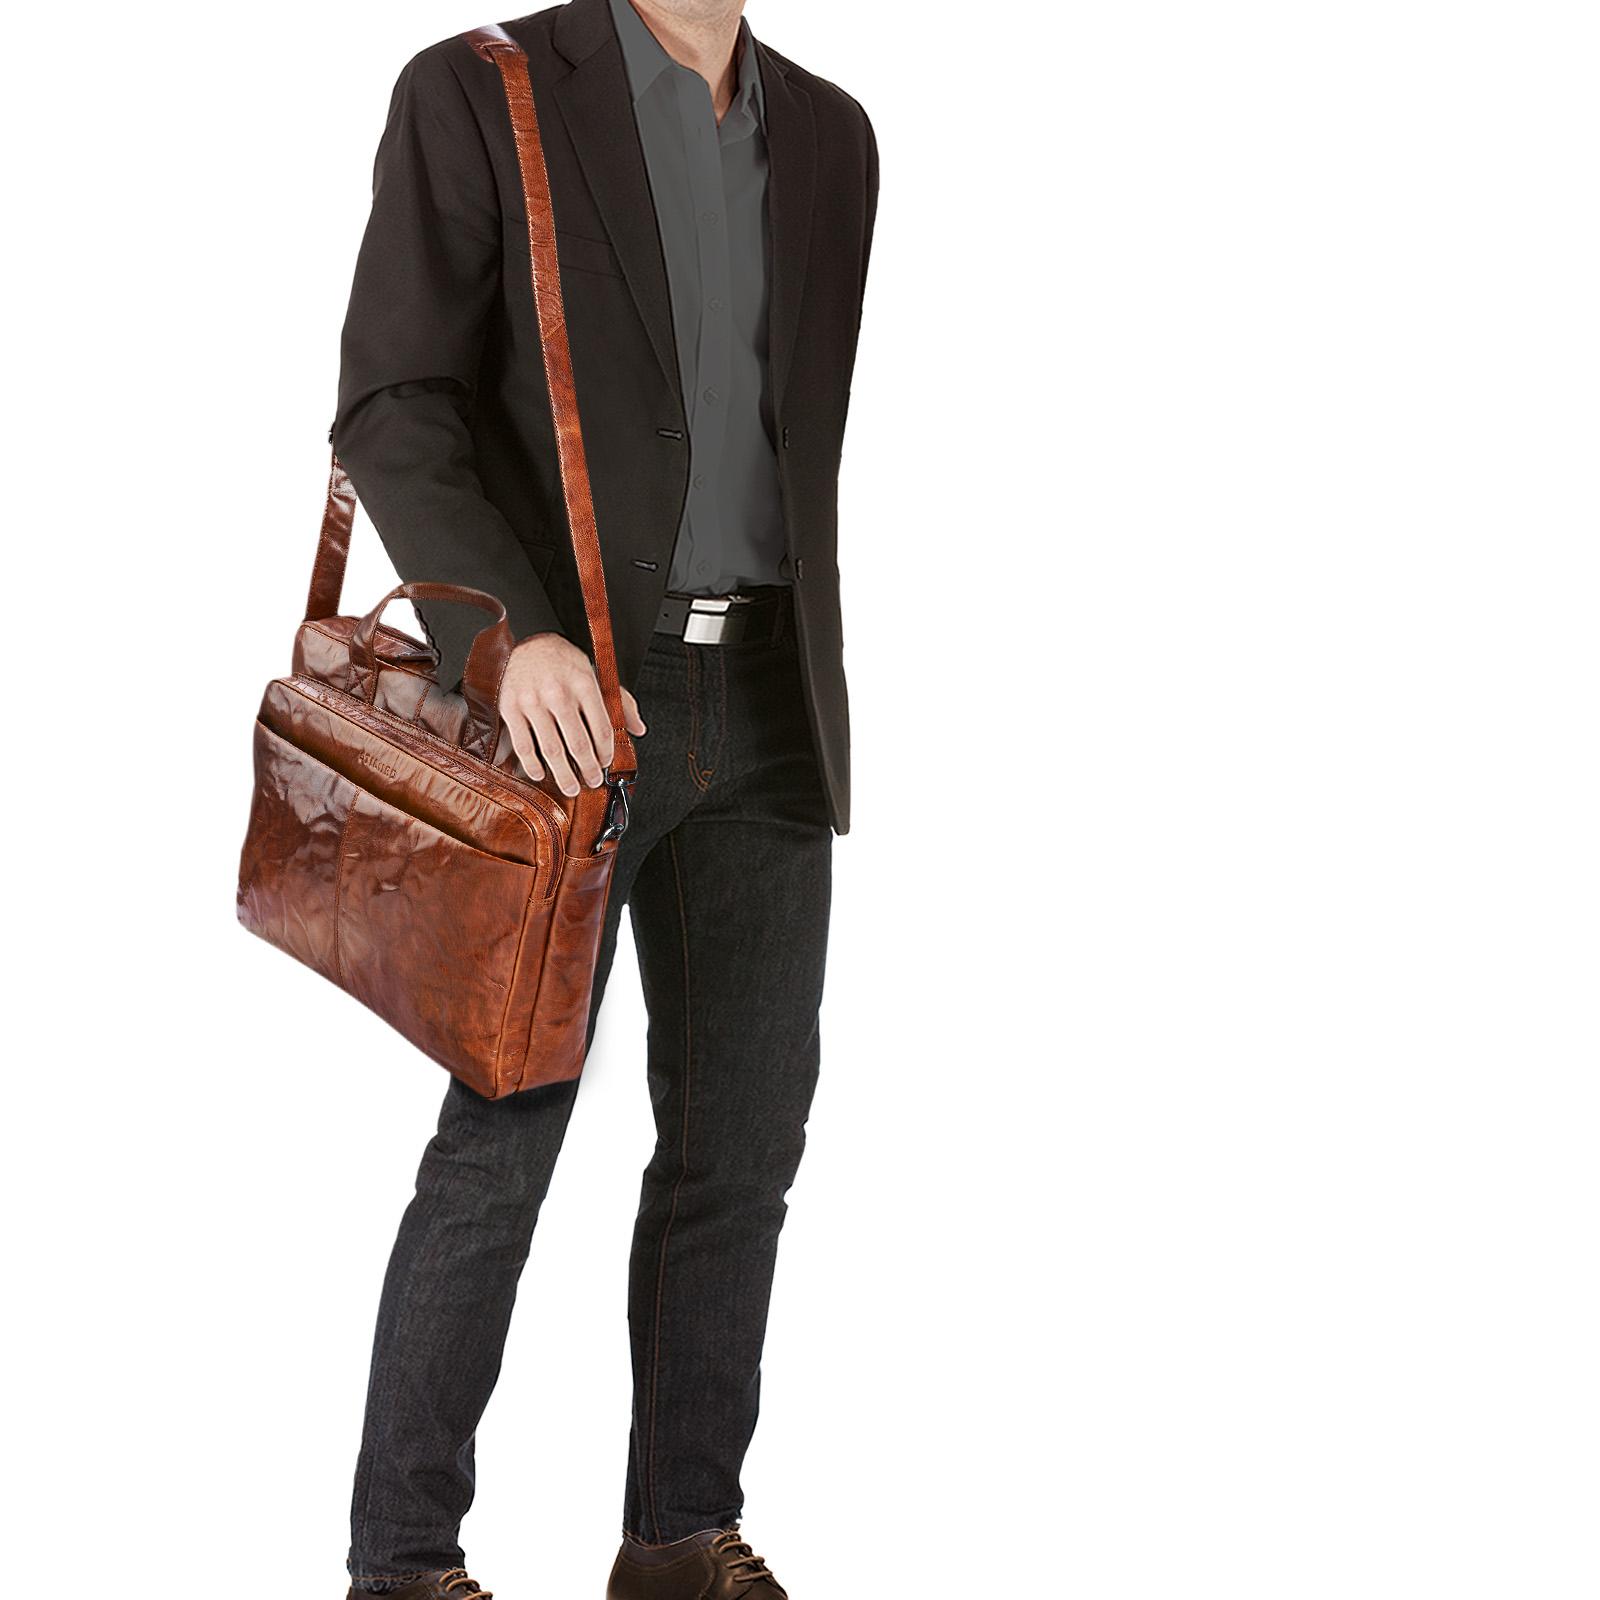 Vintage Leder Umhängetasche für Herren groß